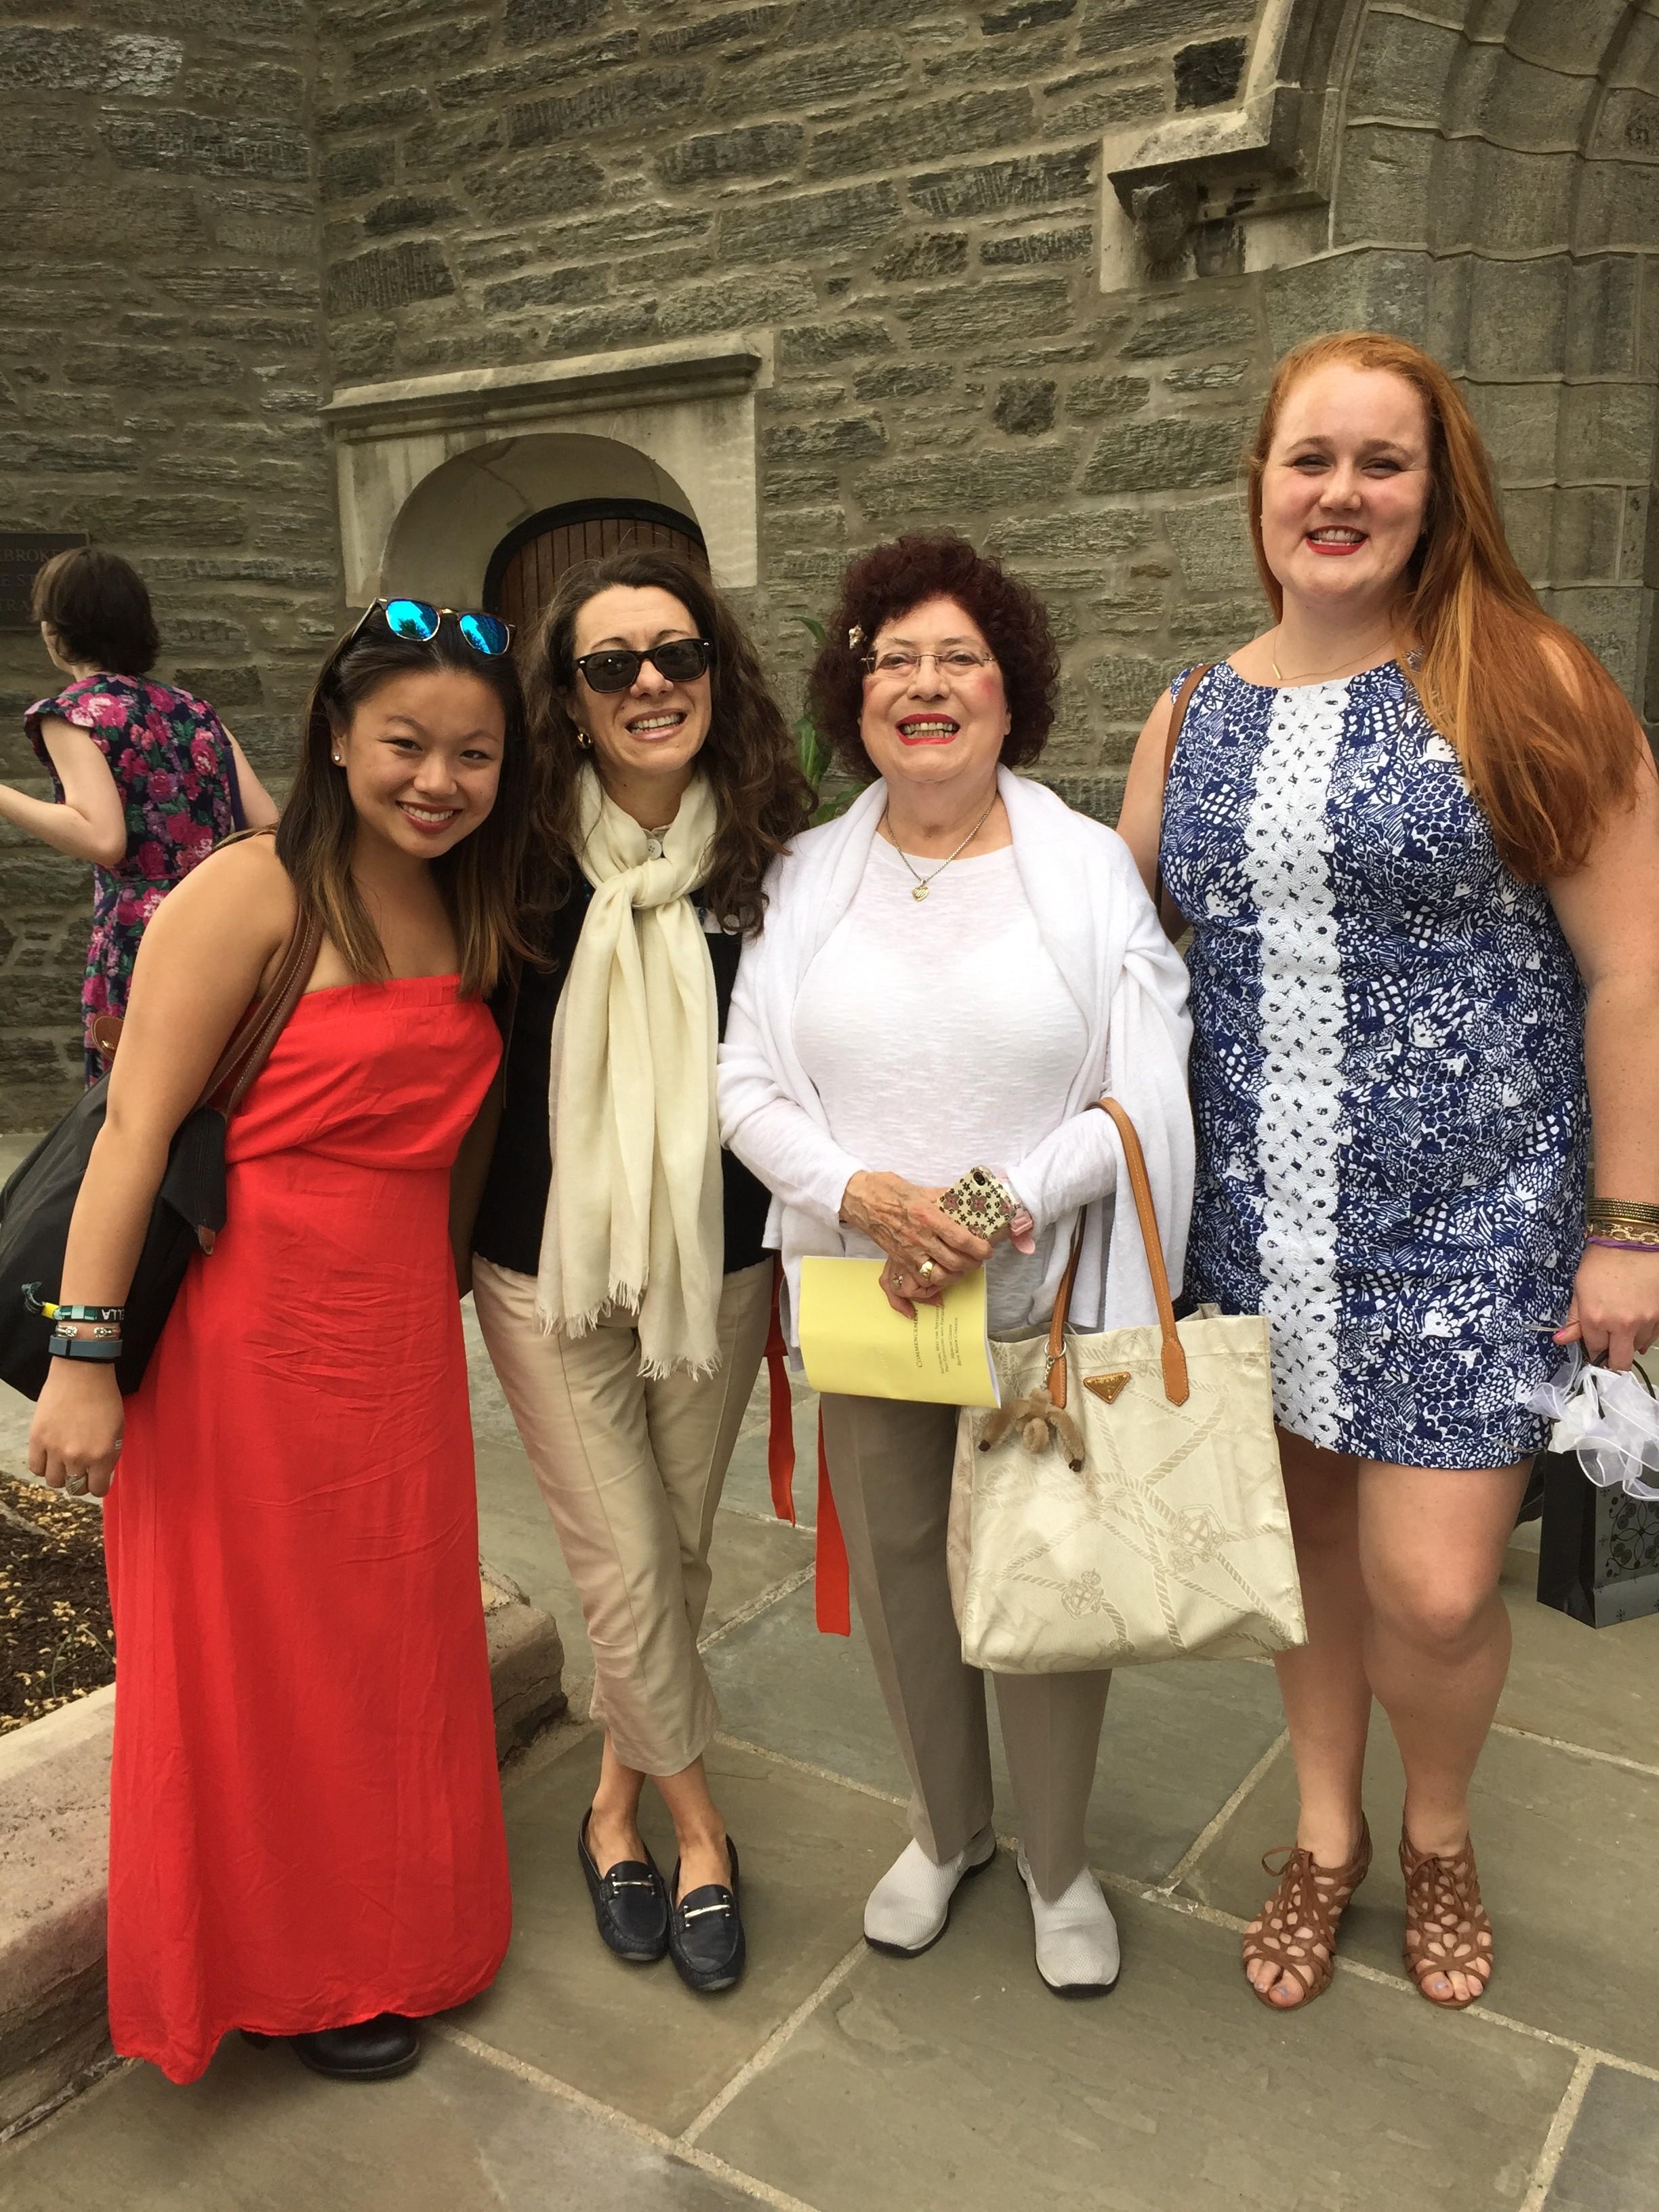 Roberta Ricci and Gabriella Troncelliti with alumnae Zoe Guastella e Mairin O'Connor.